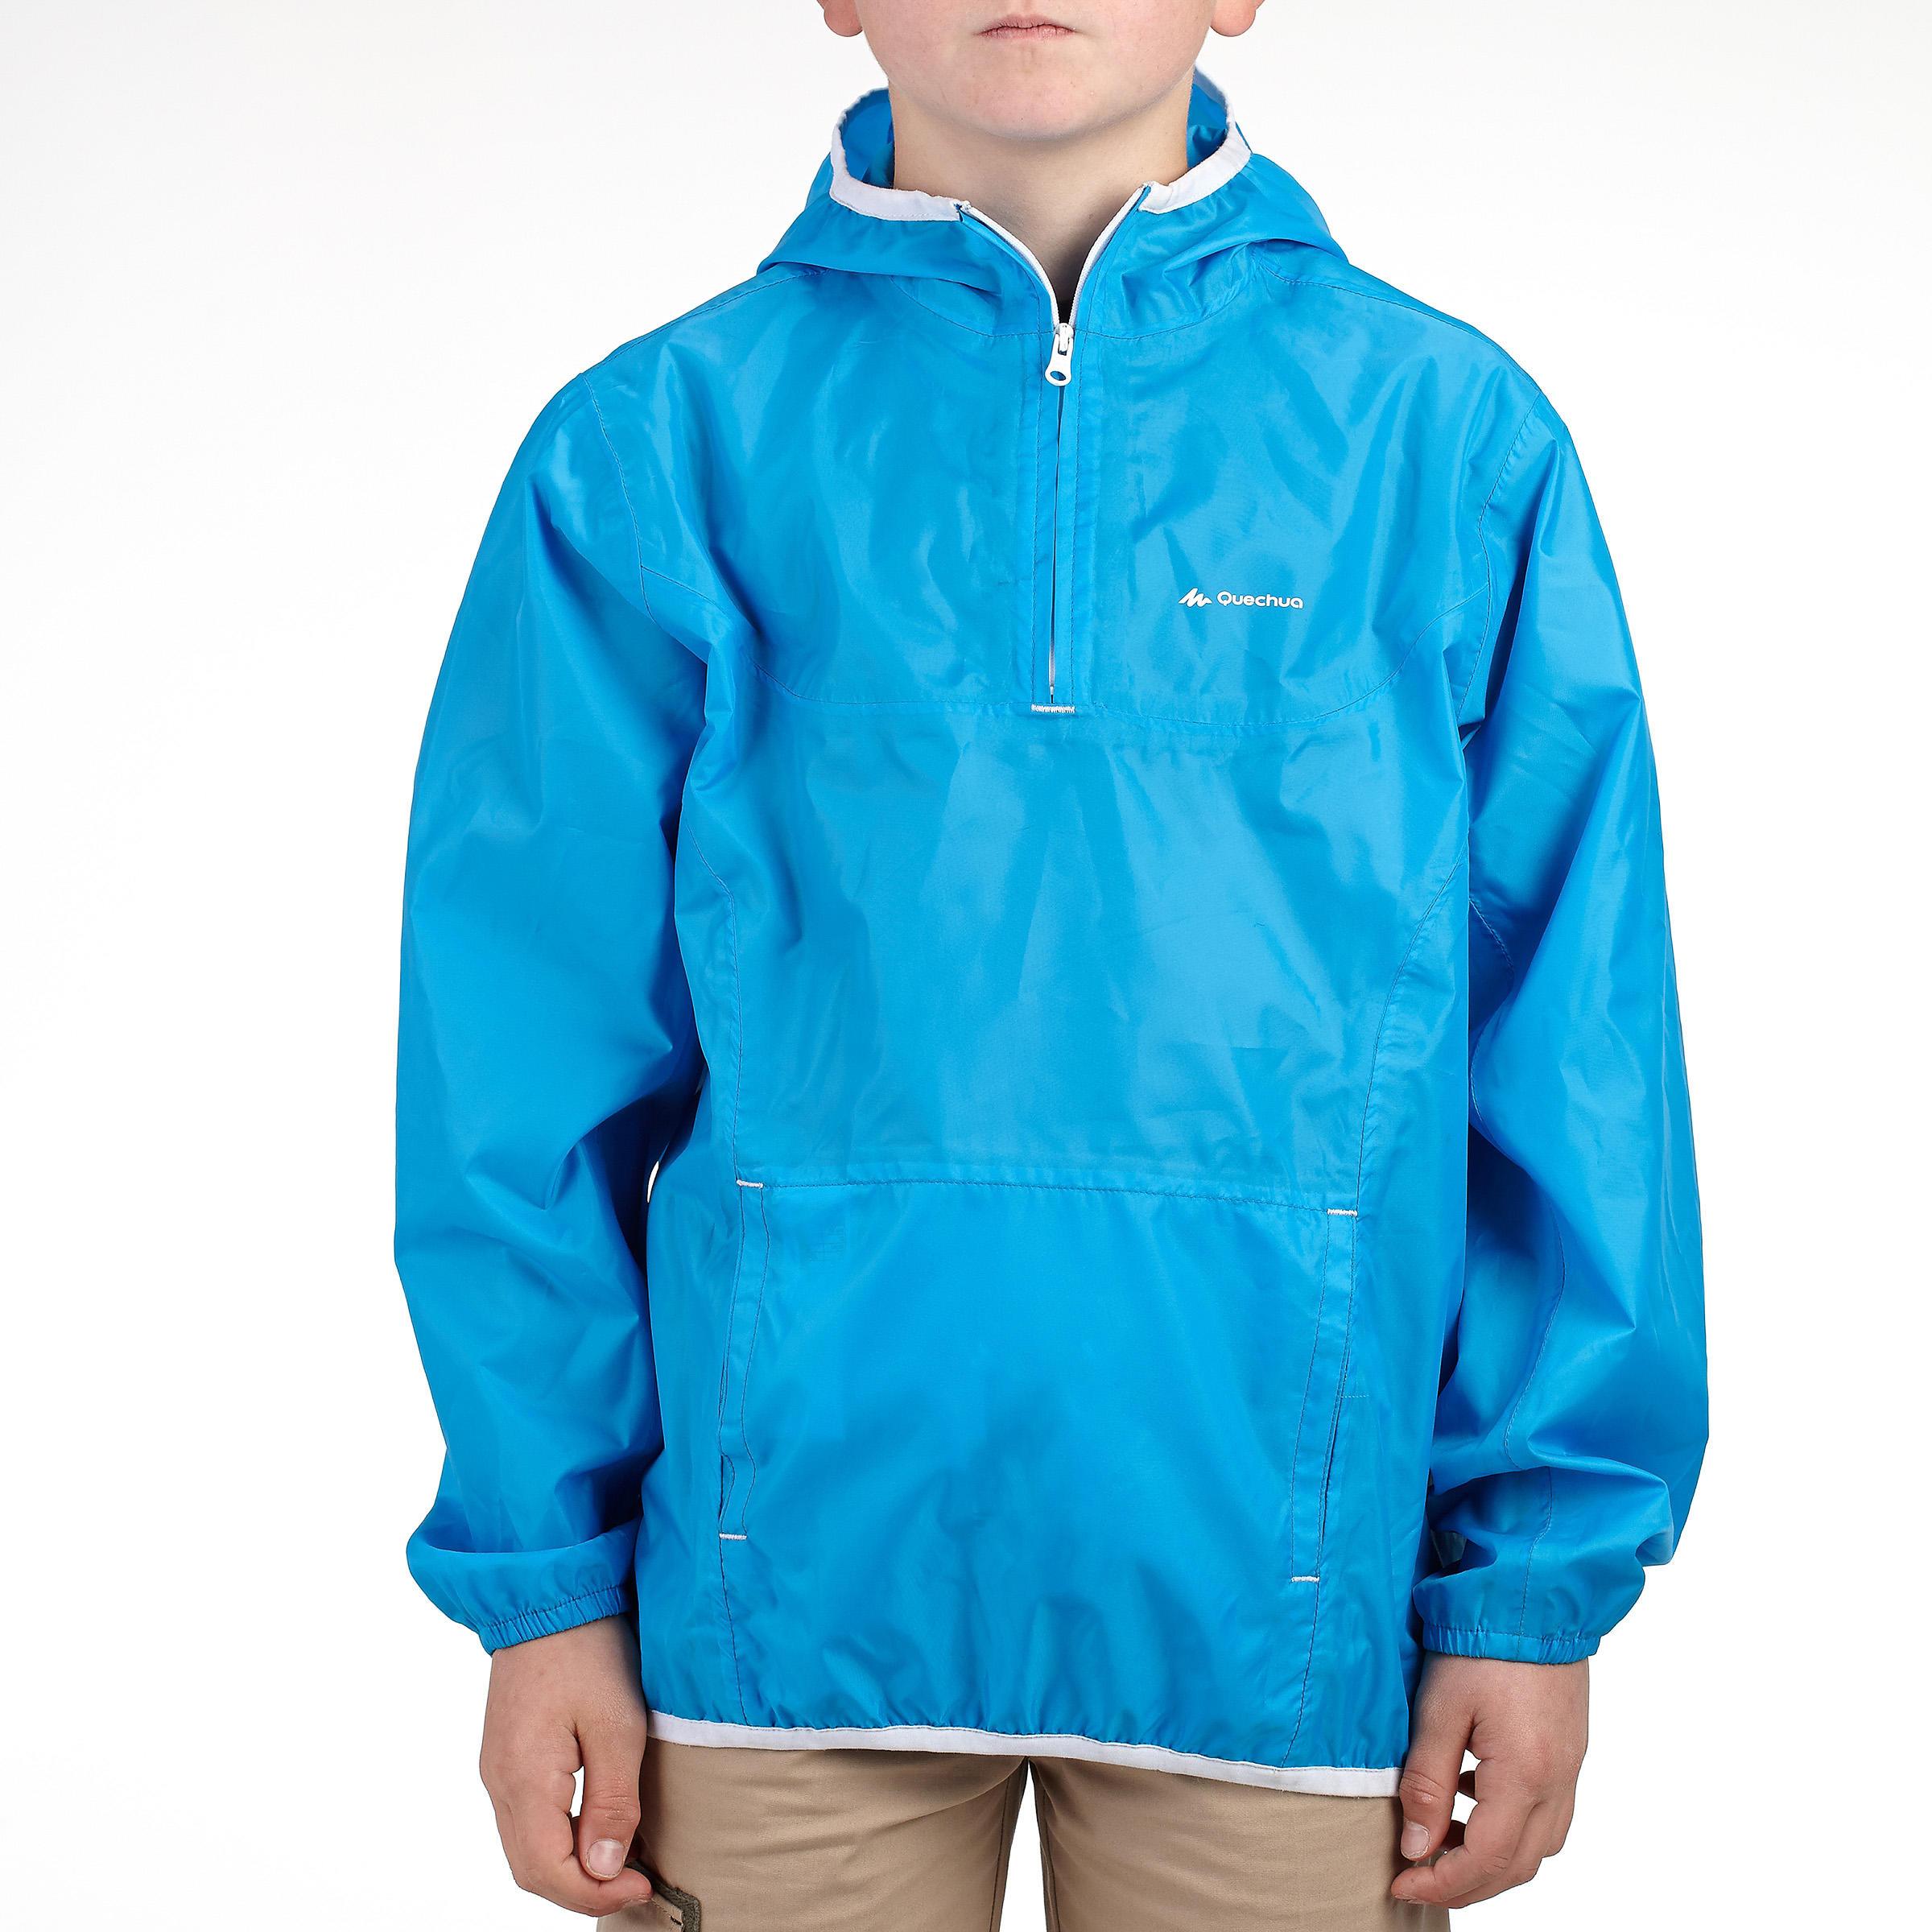 Veste imperméable de randonnée enfant Raincut bleu